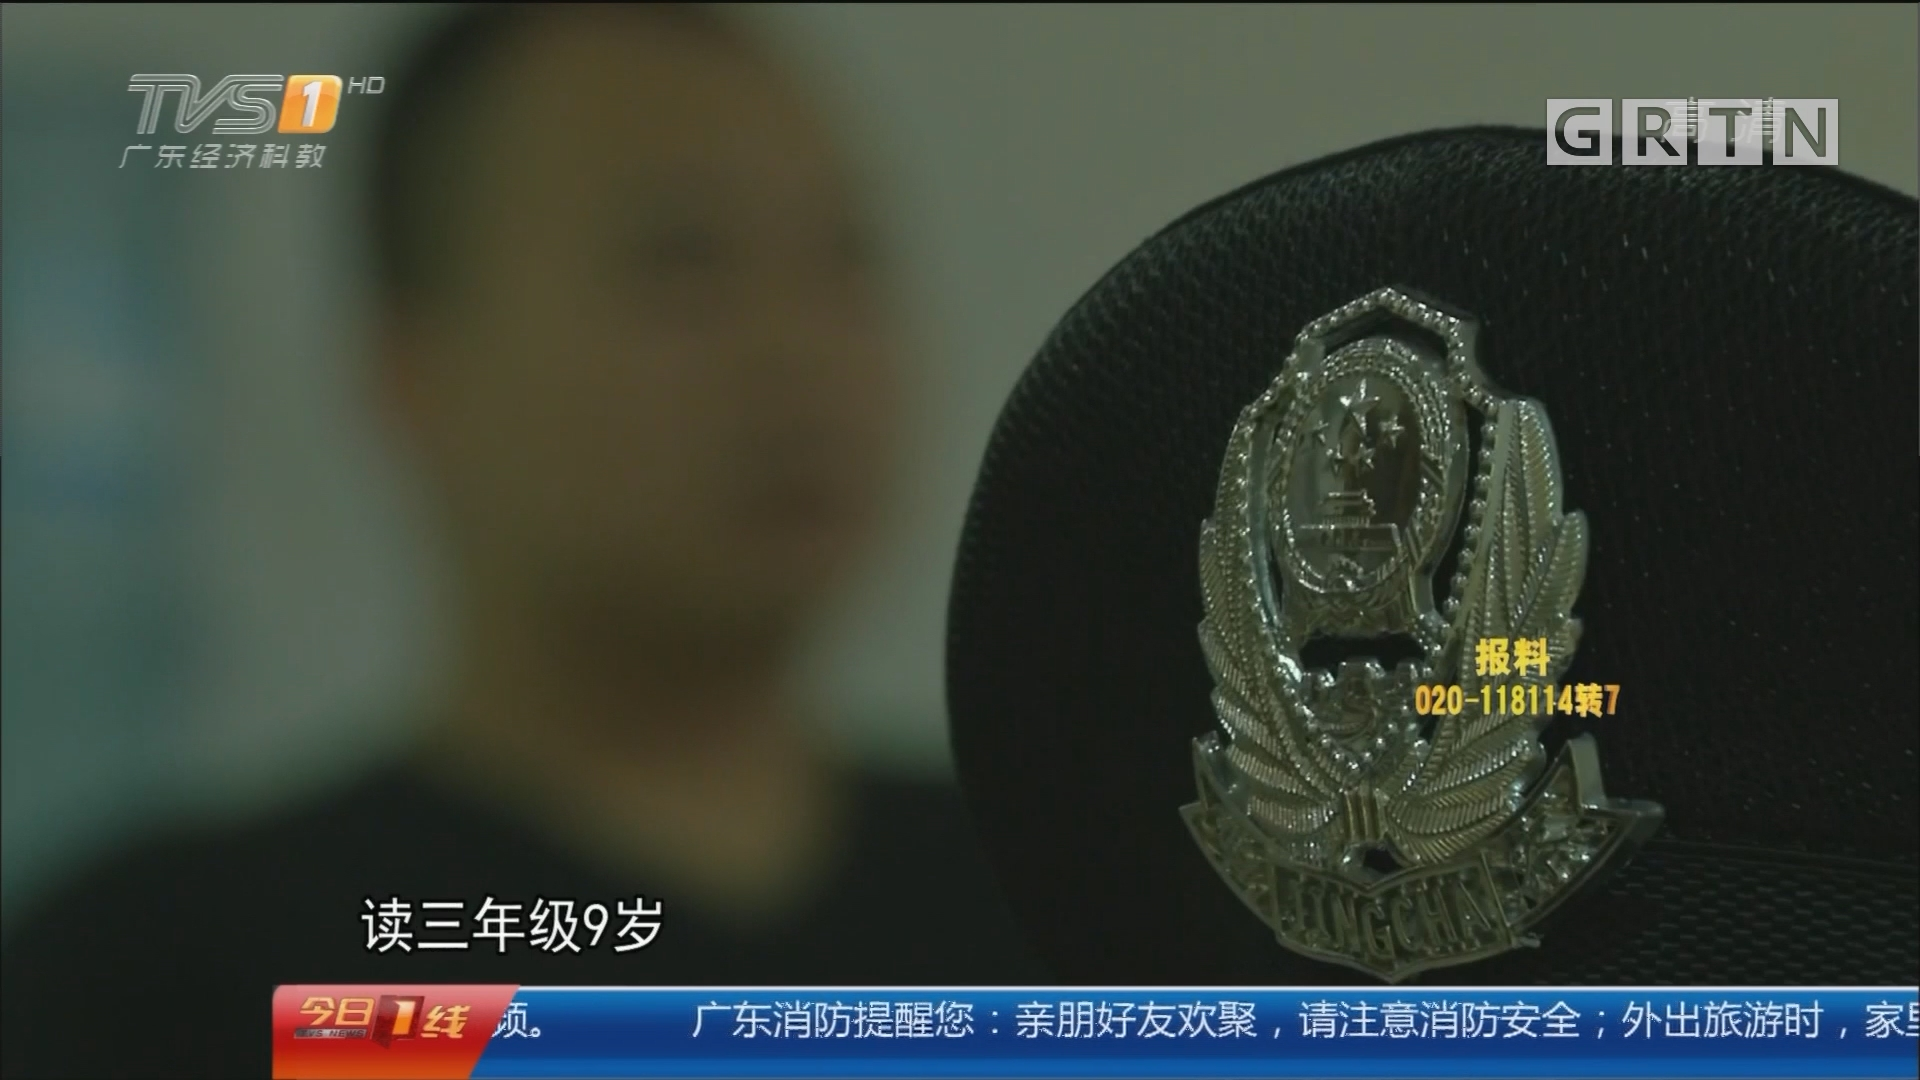 """除夕特别节目:2017的那些感动 疑犯看守所""""托孤"""" 警察千里寻亲"""